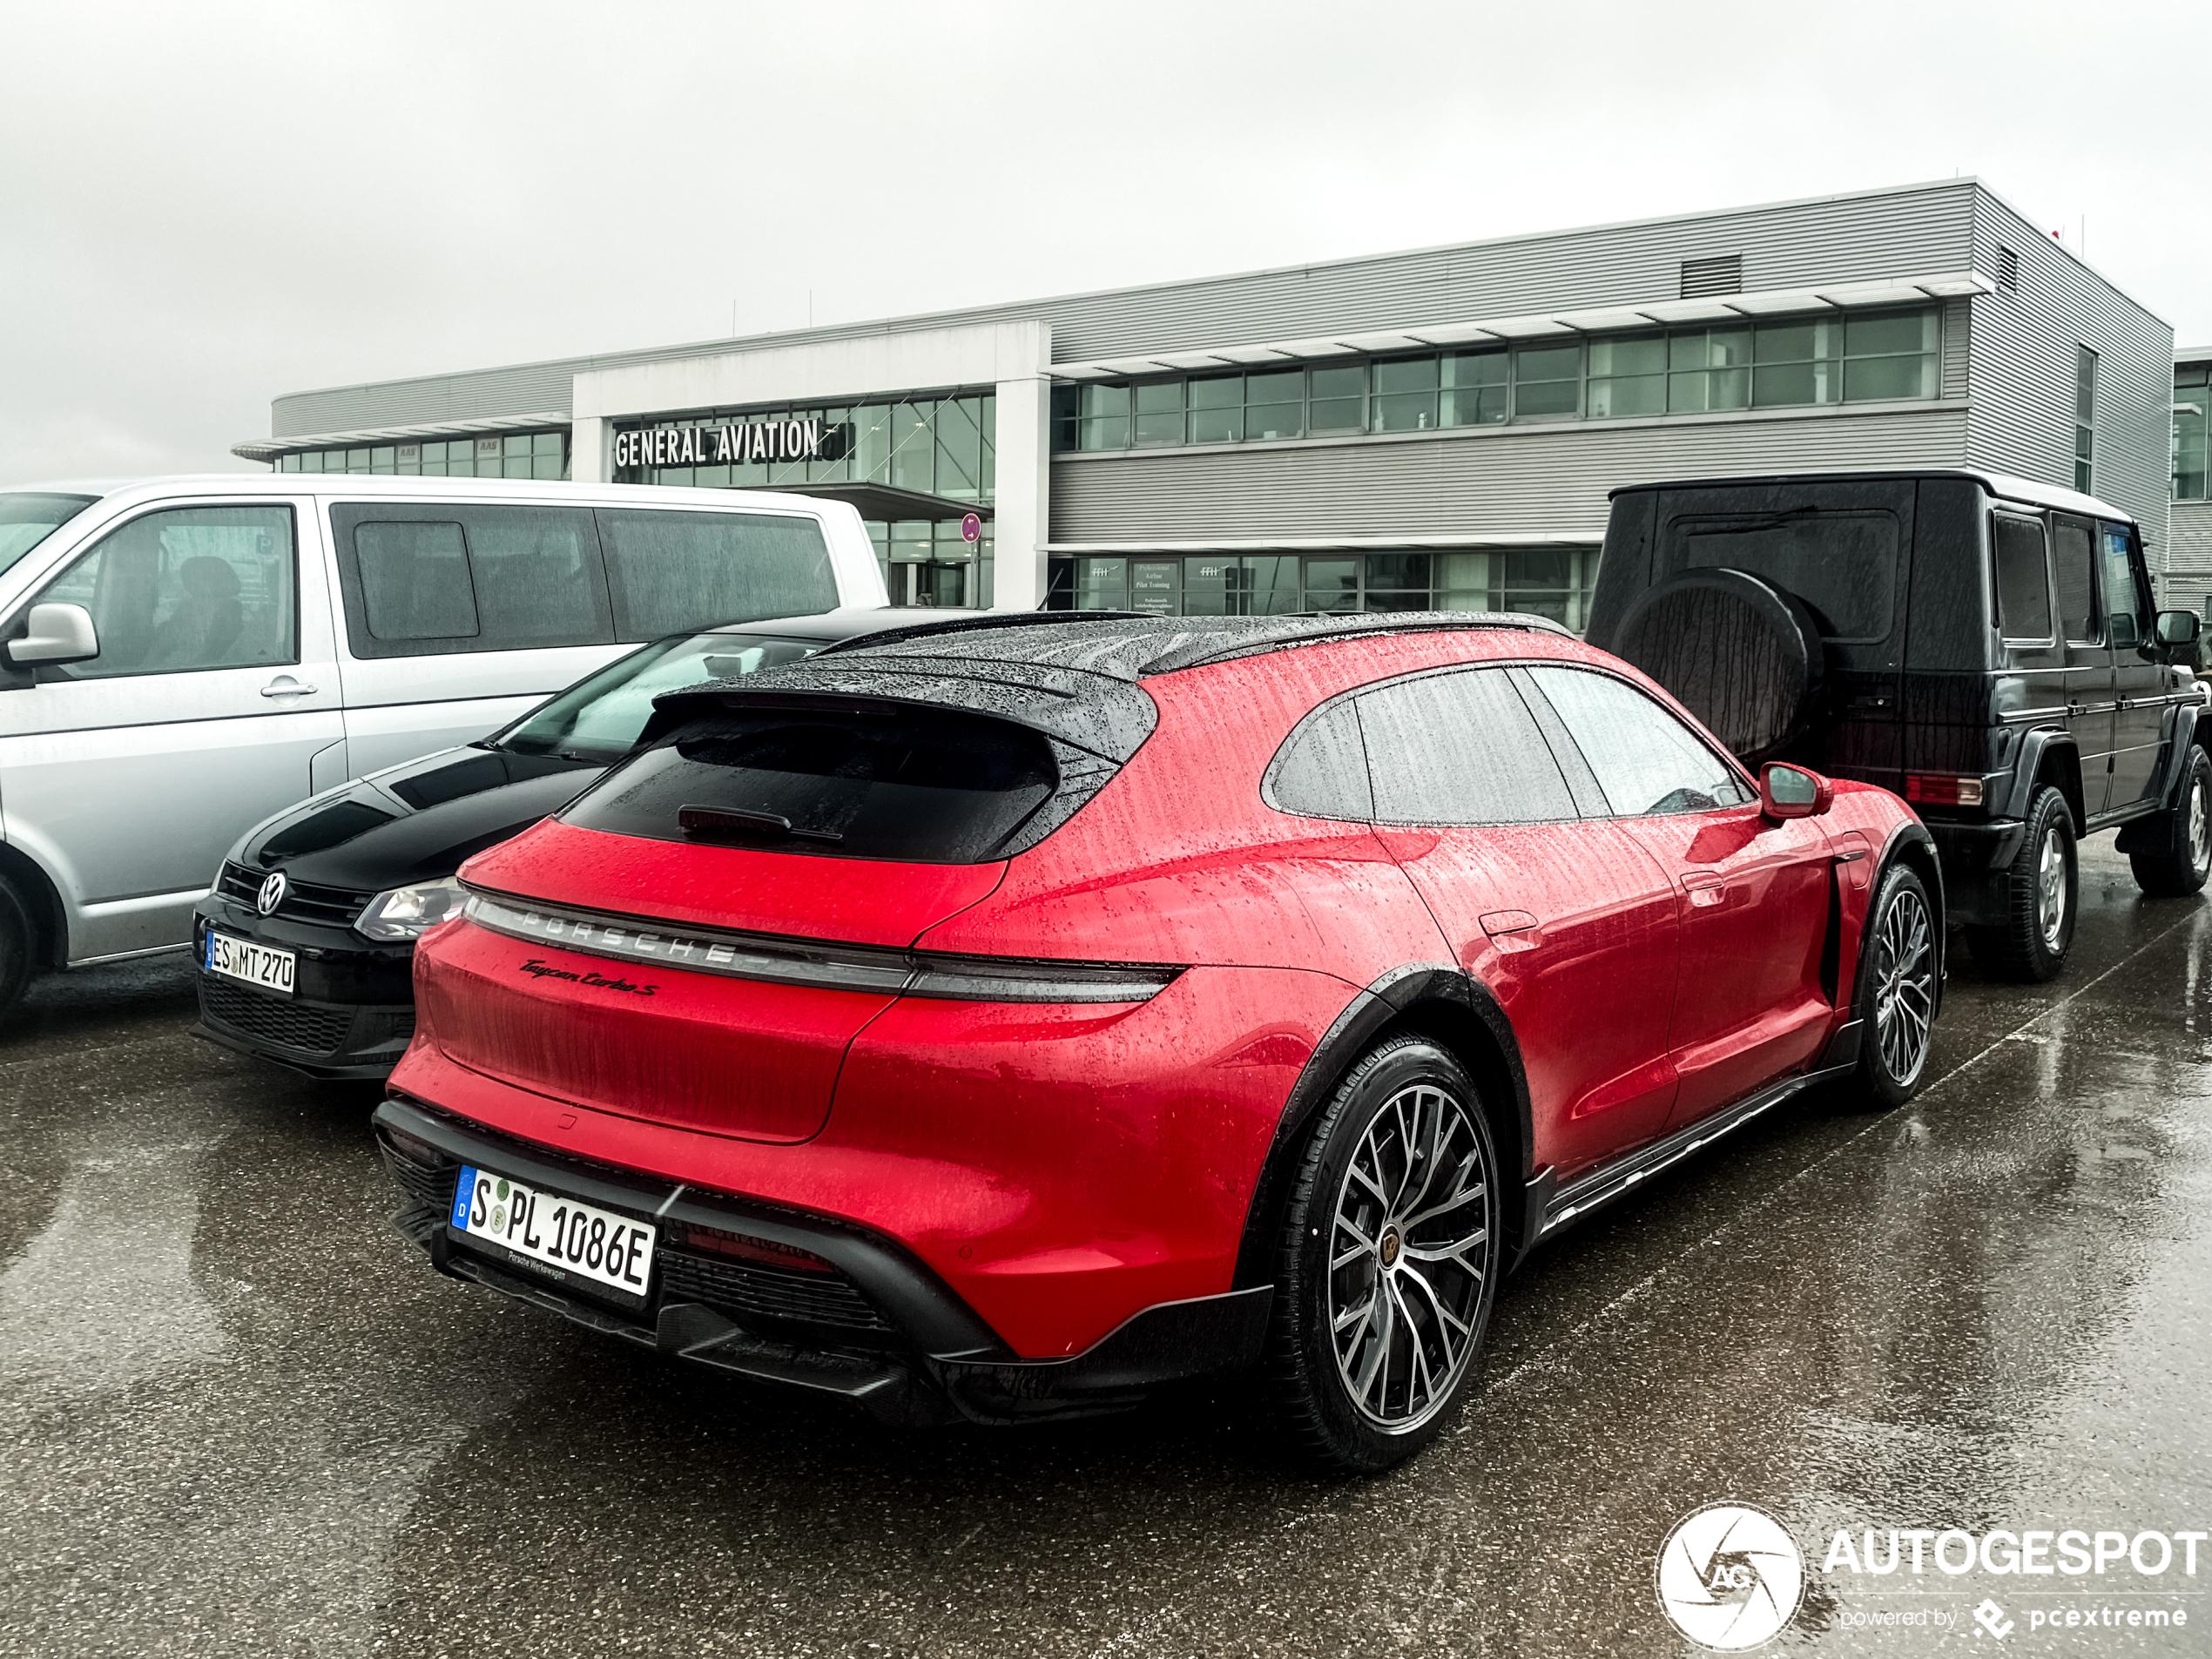 Nu in het rood: Porsche Taycan Turbo S Cross Turismo